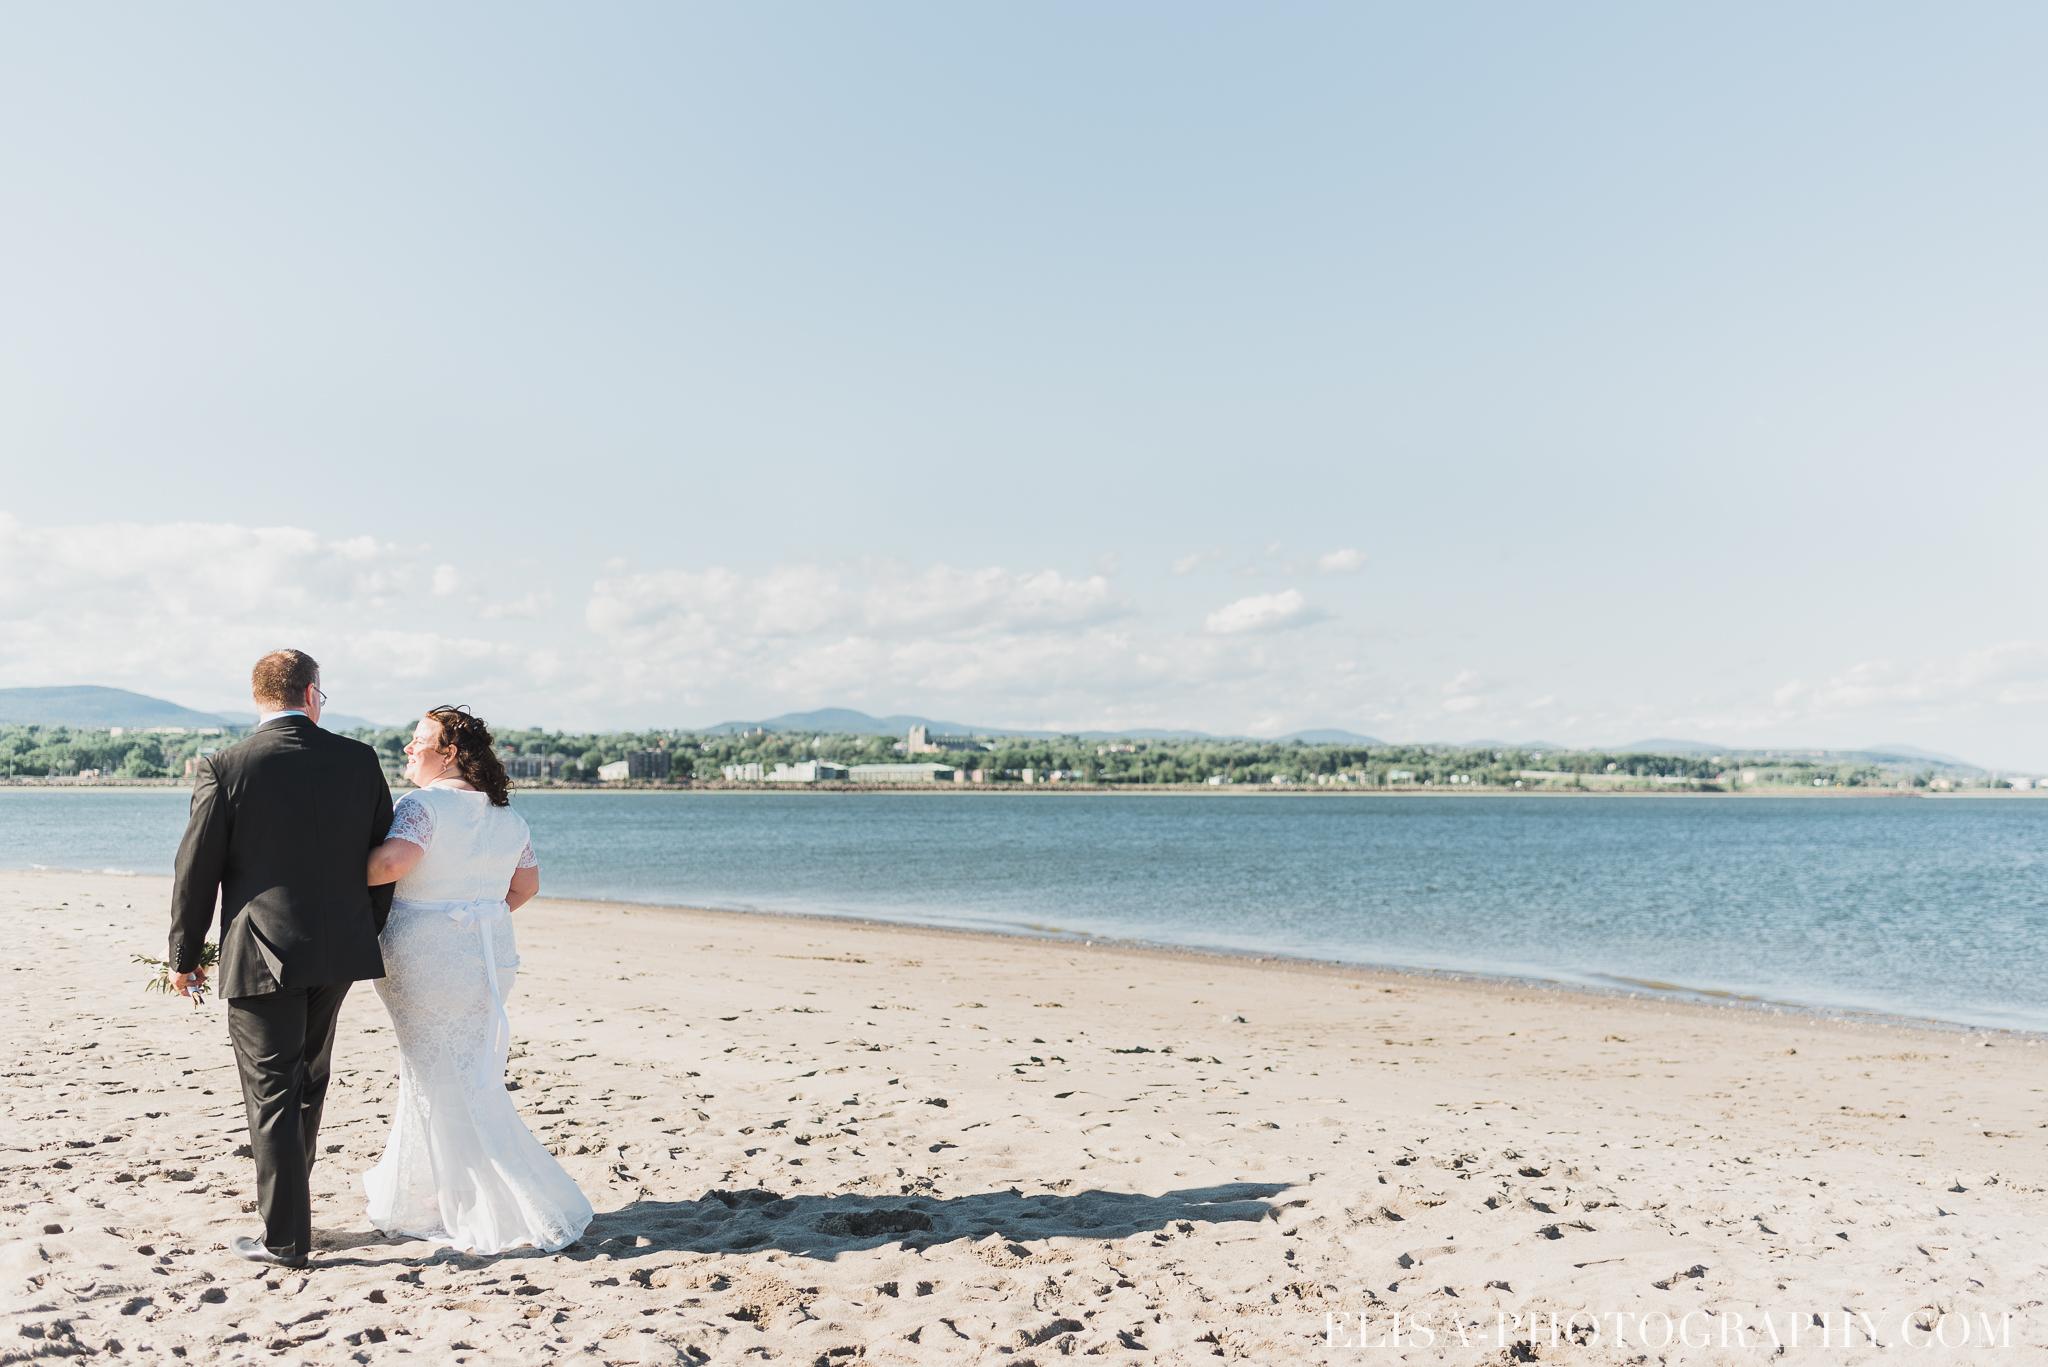 photo mariage portrait couple naturel fleuve riviere plage quai 8372 - Mariage à la plage de la baie de Beauport